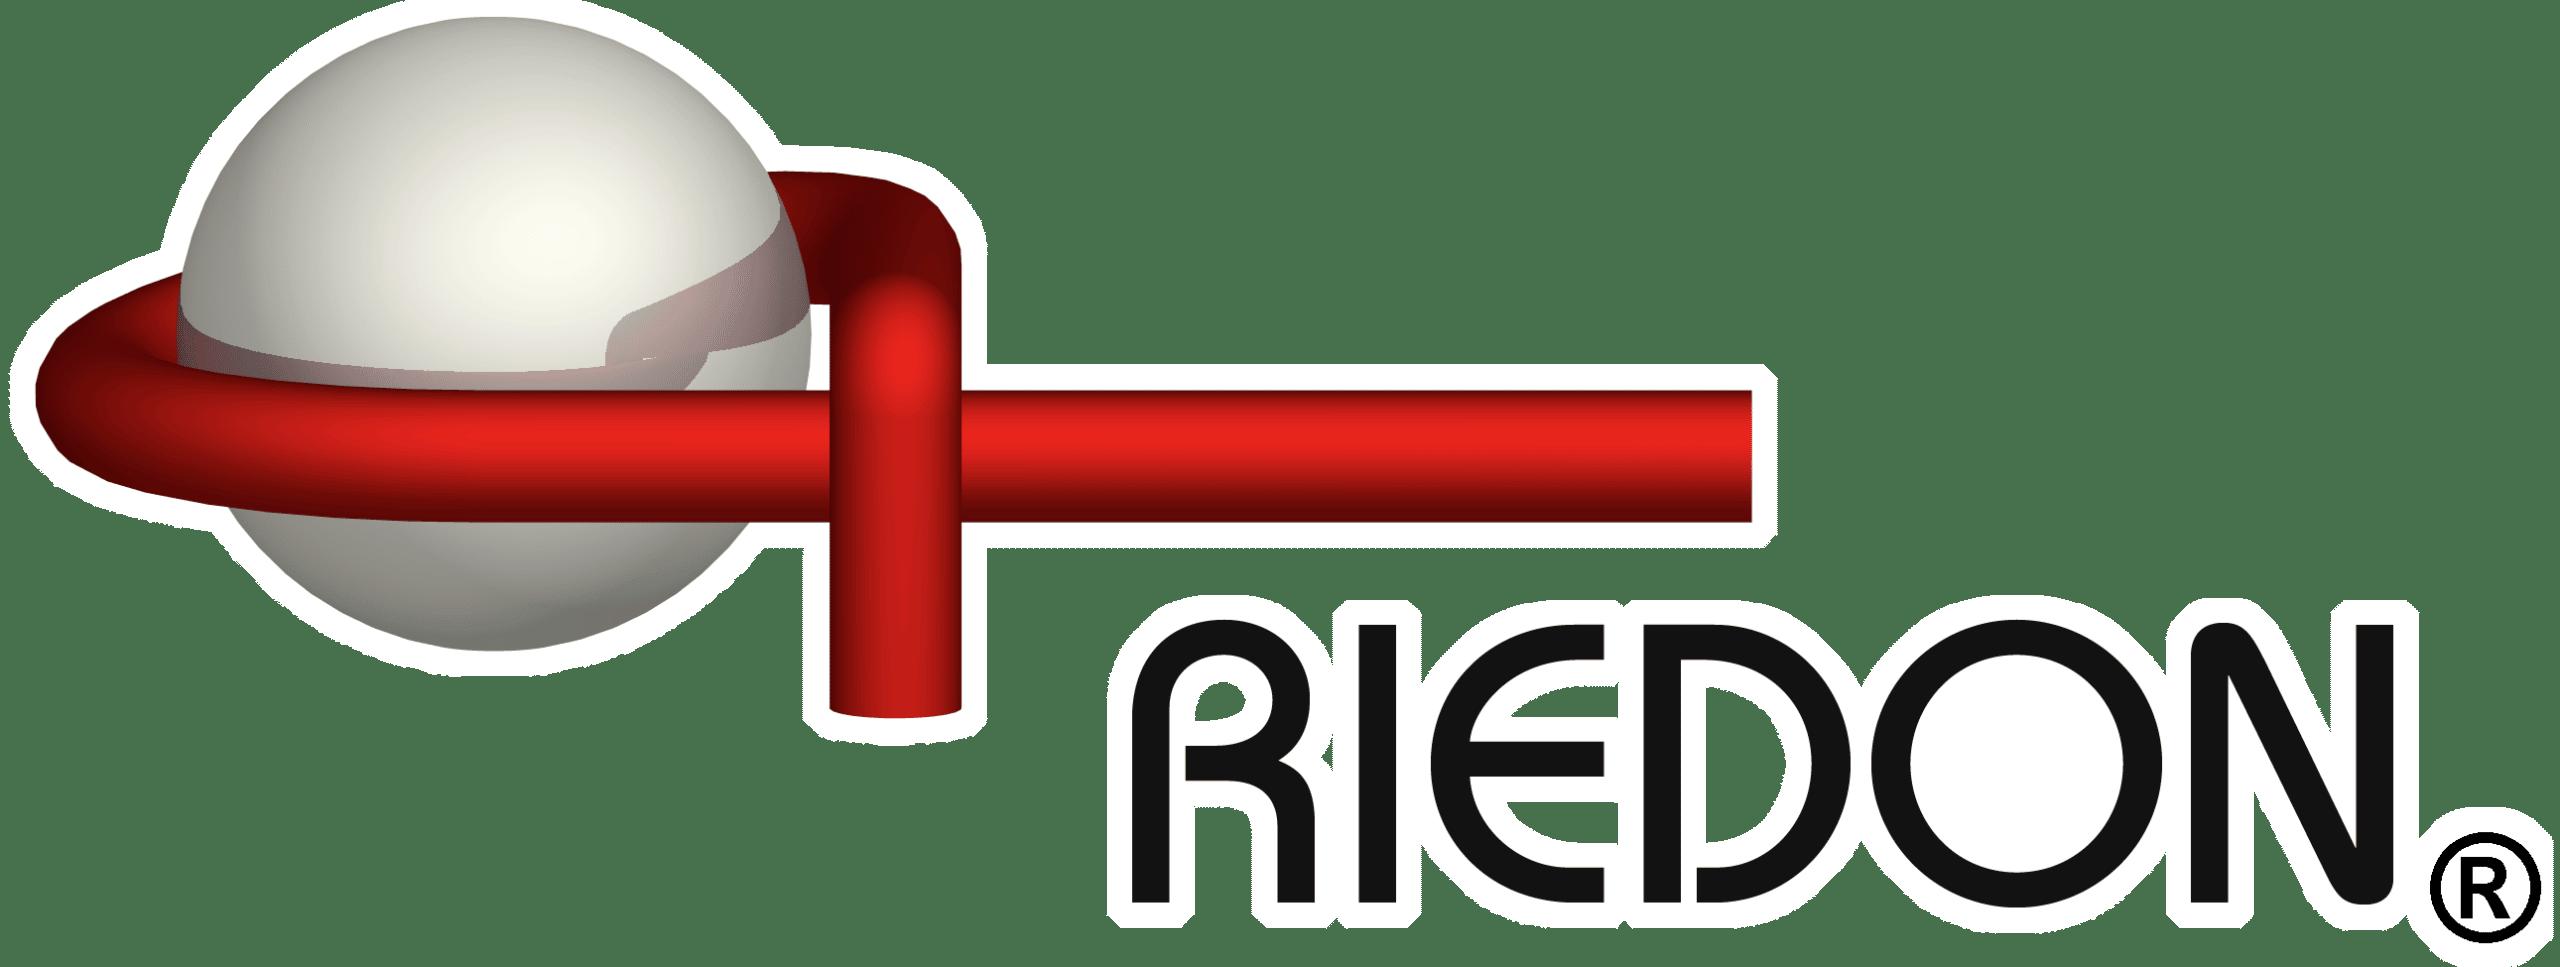 Riedon Company Logo 2020